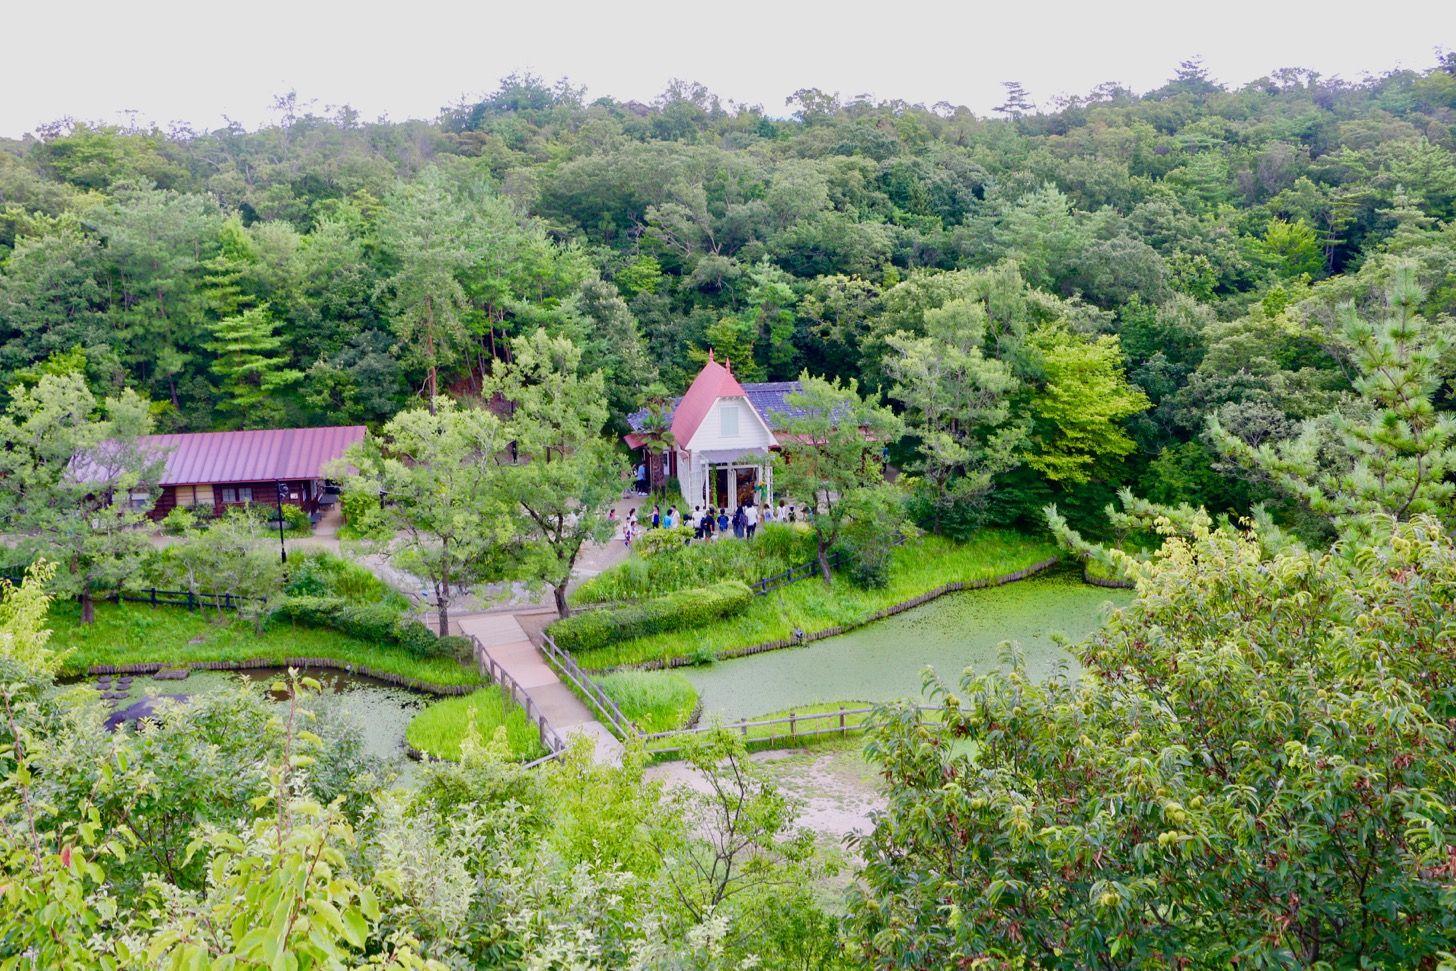 サツキとメイの家 ジブリパーク予定地の愛 地球博記念公園をさんぽ トトロ の世界観に入り込めて感動 サツキとメイの家 東京 散歩 サツキ